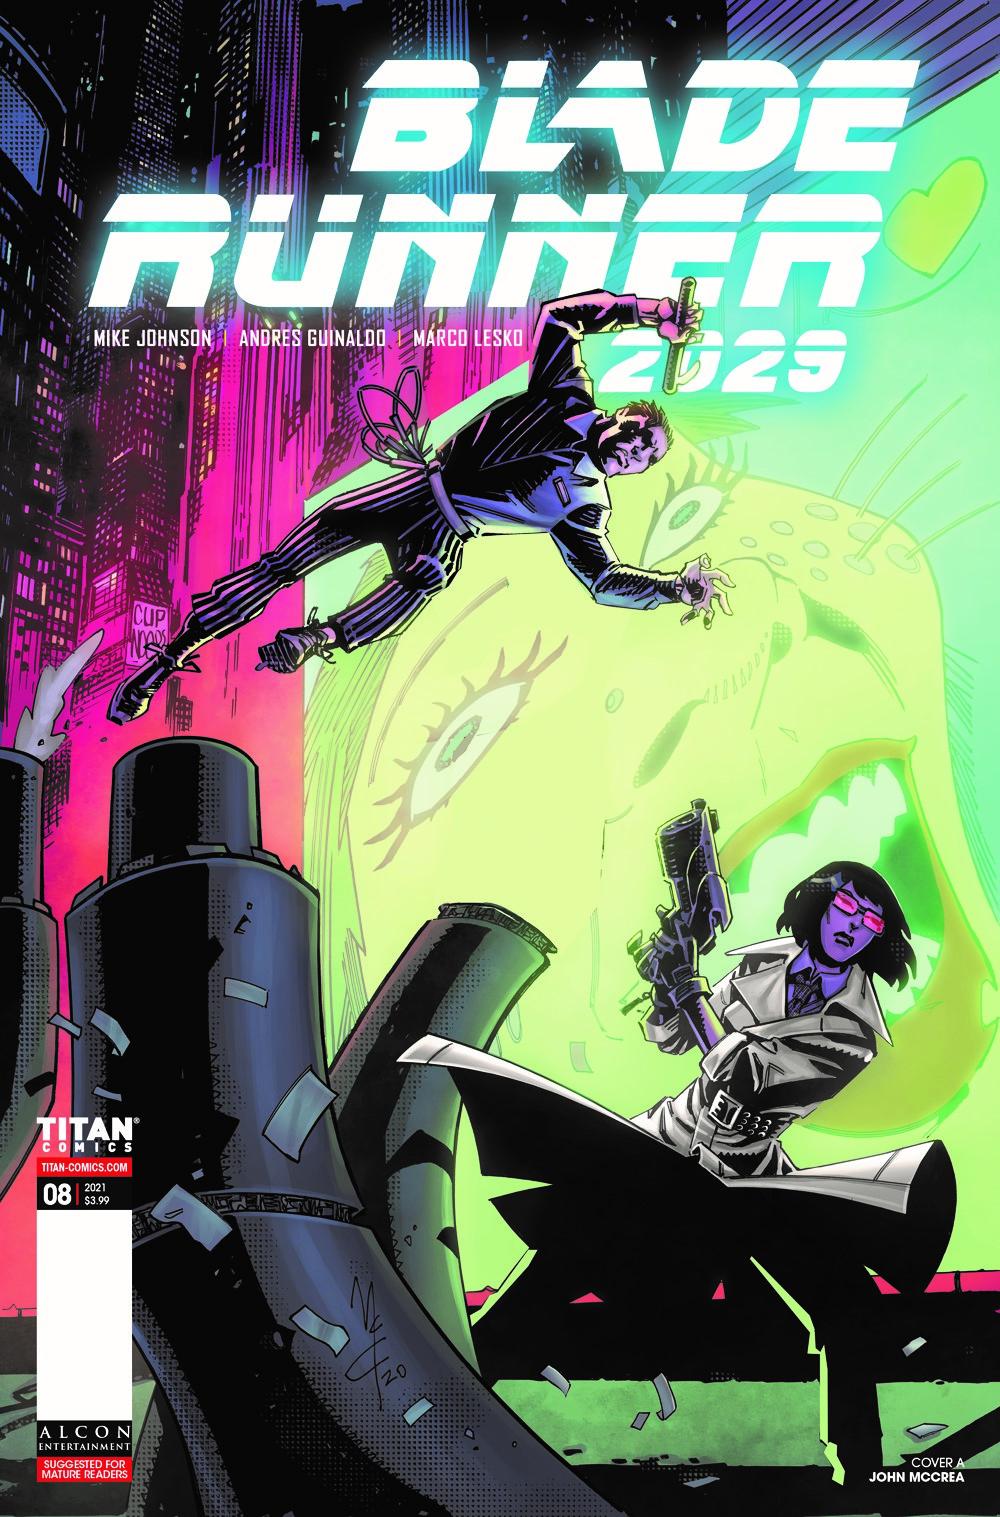 BLADE-RUNNER-2029-8-CVR-A-MCCREA-MR ComicList Previews: BLADE RUNNER 2029 #8